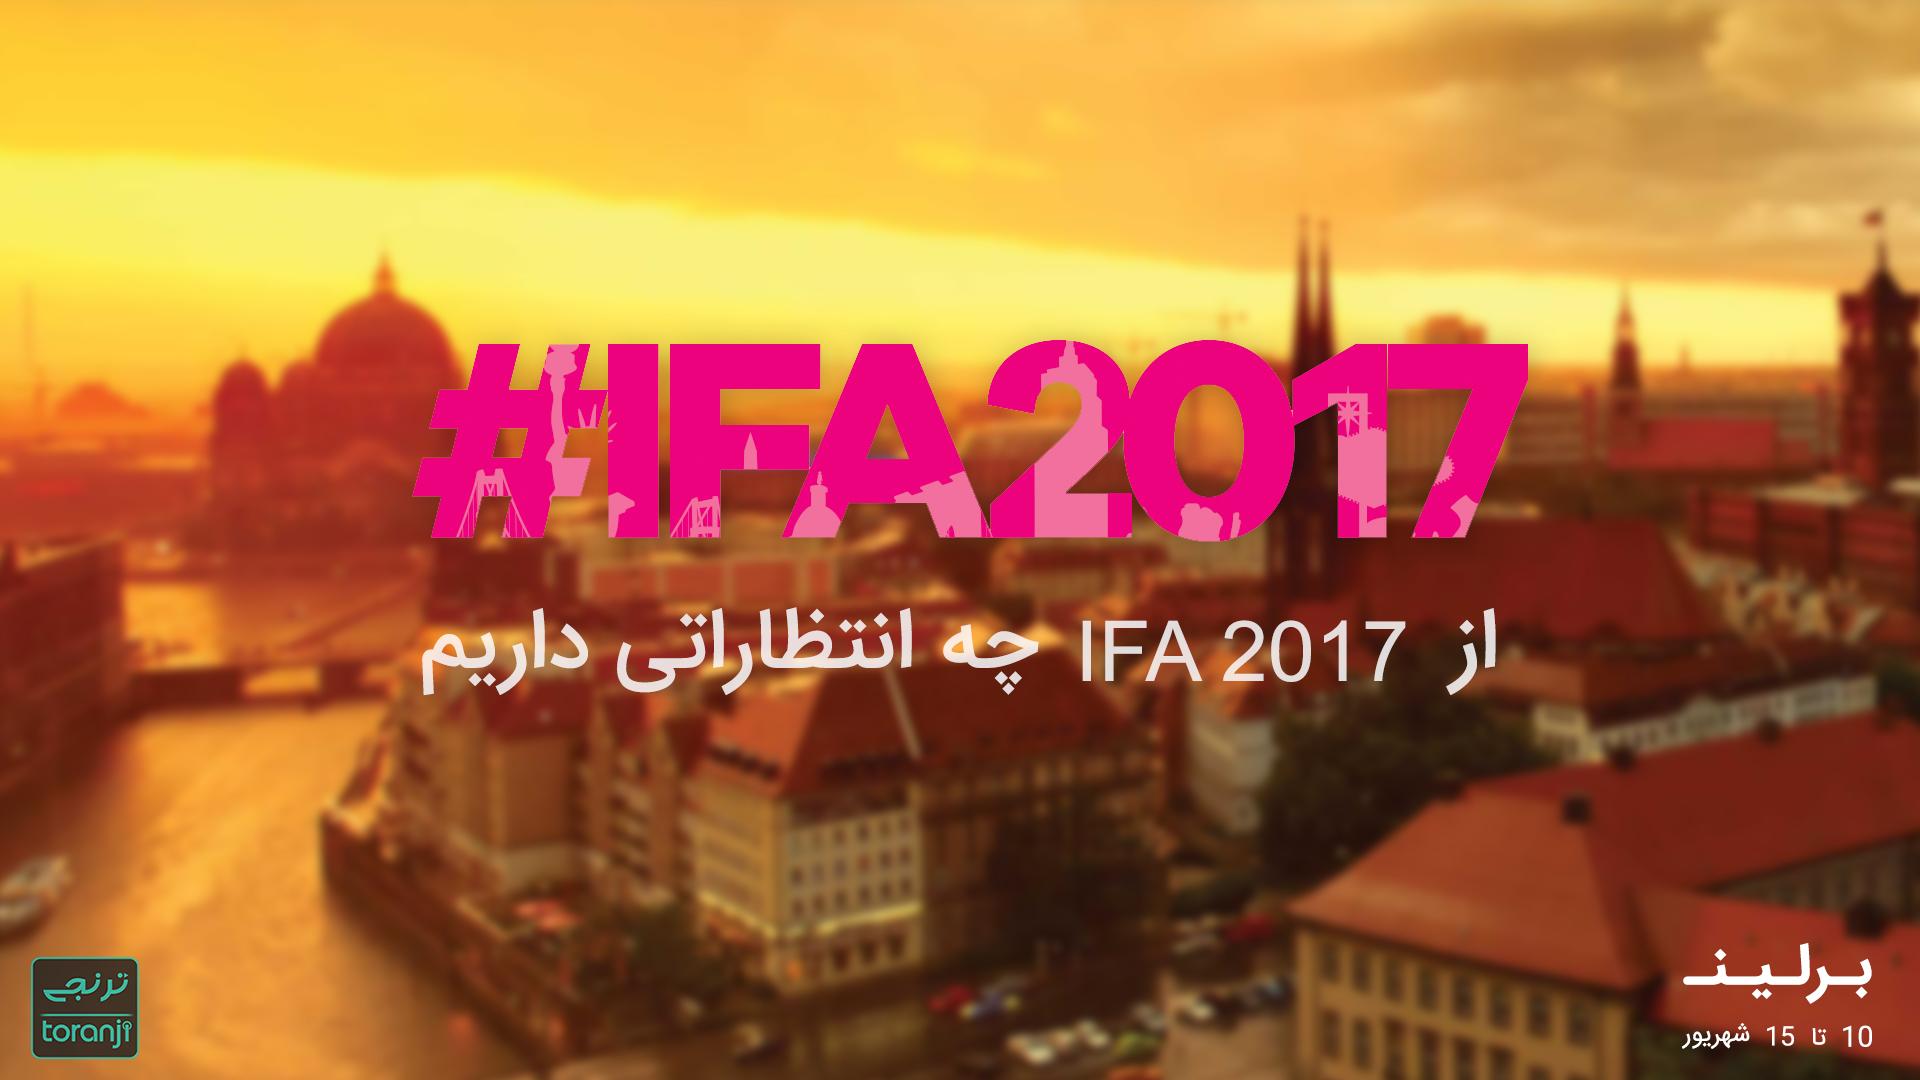 از IFA 2017 چه انتظاراتی داریم